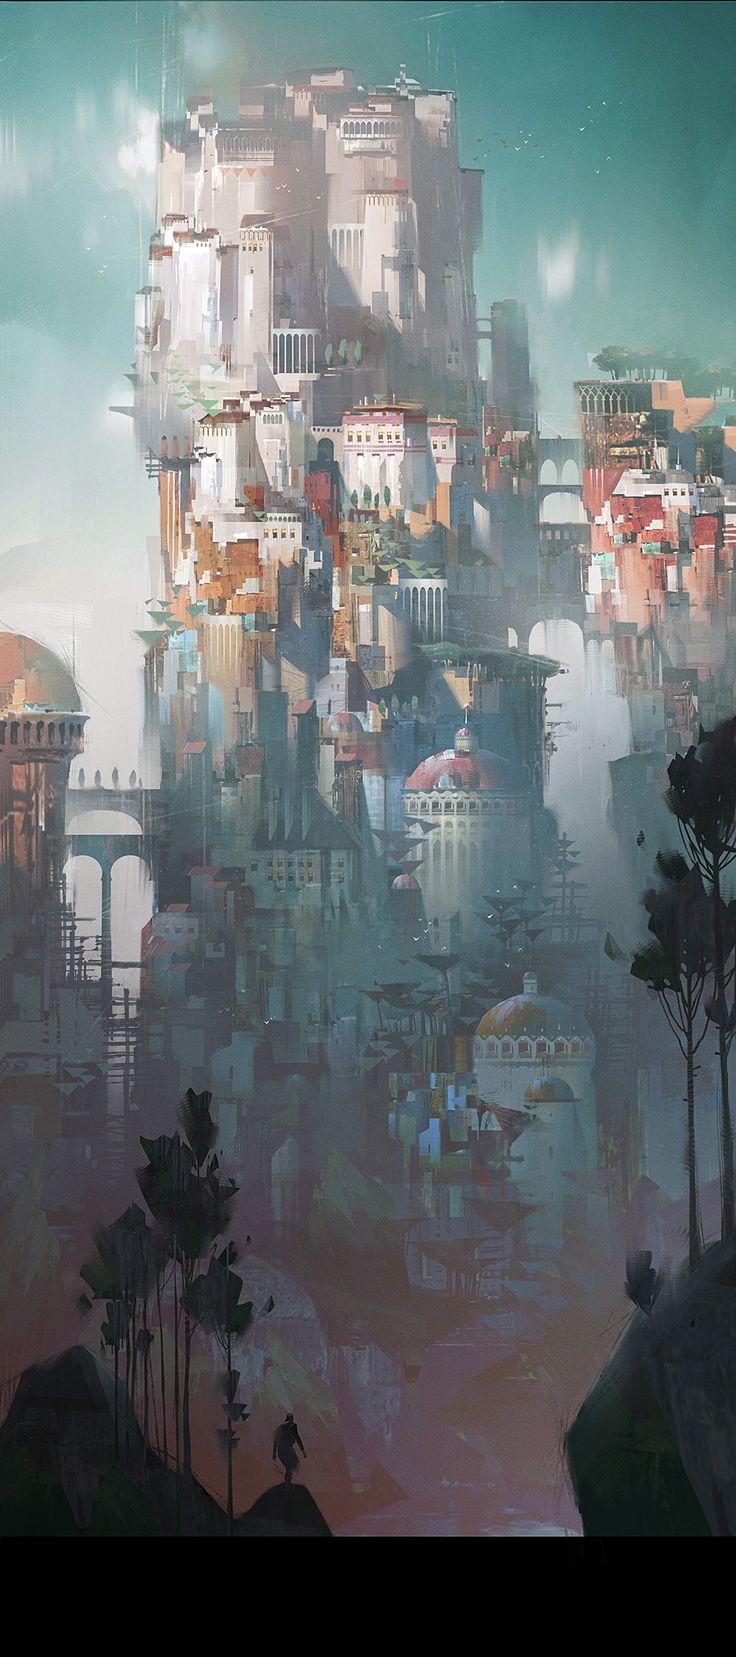 ArtStation - Lost kingdom, Ivan Laliashvili